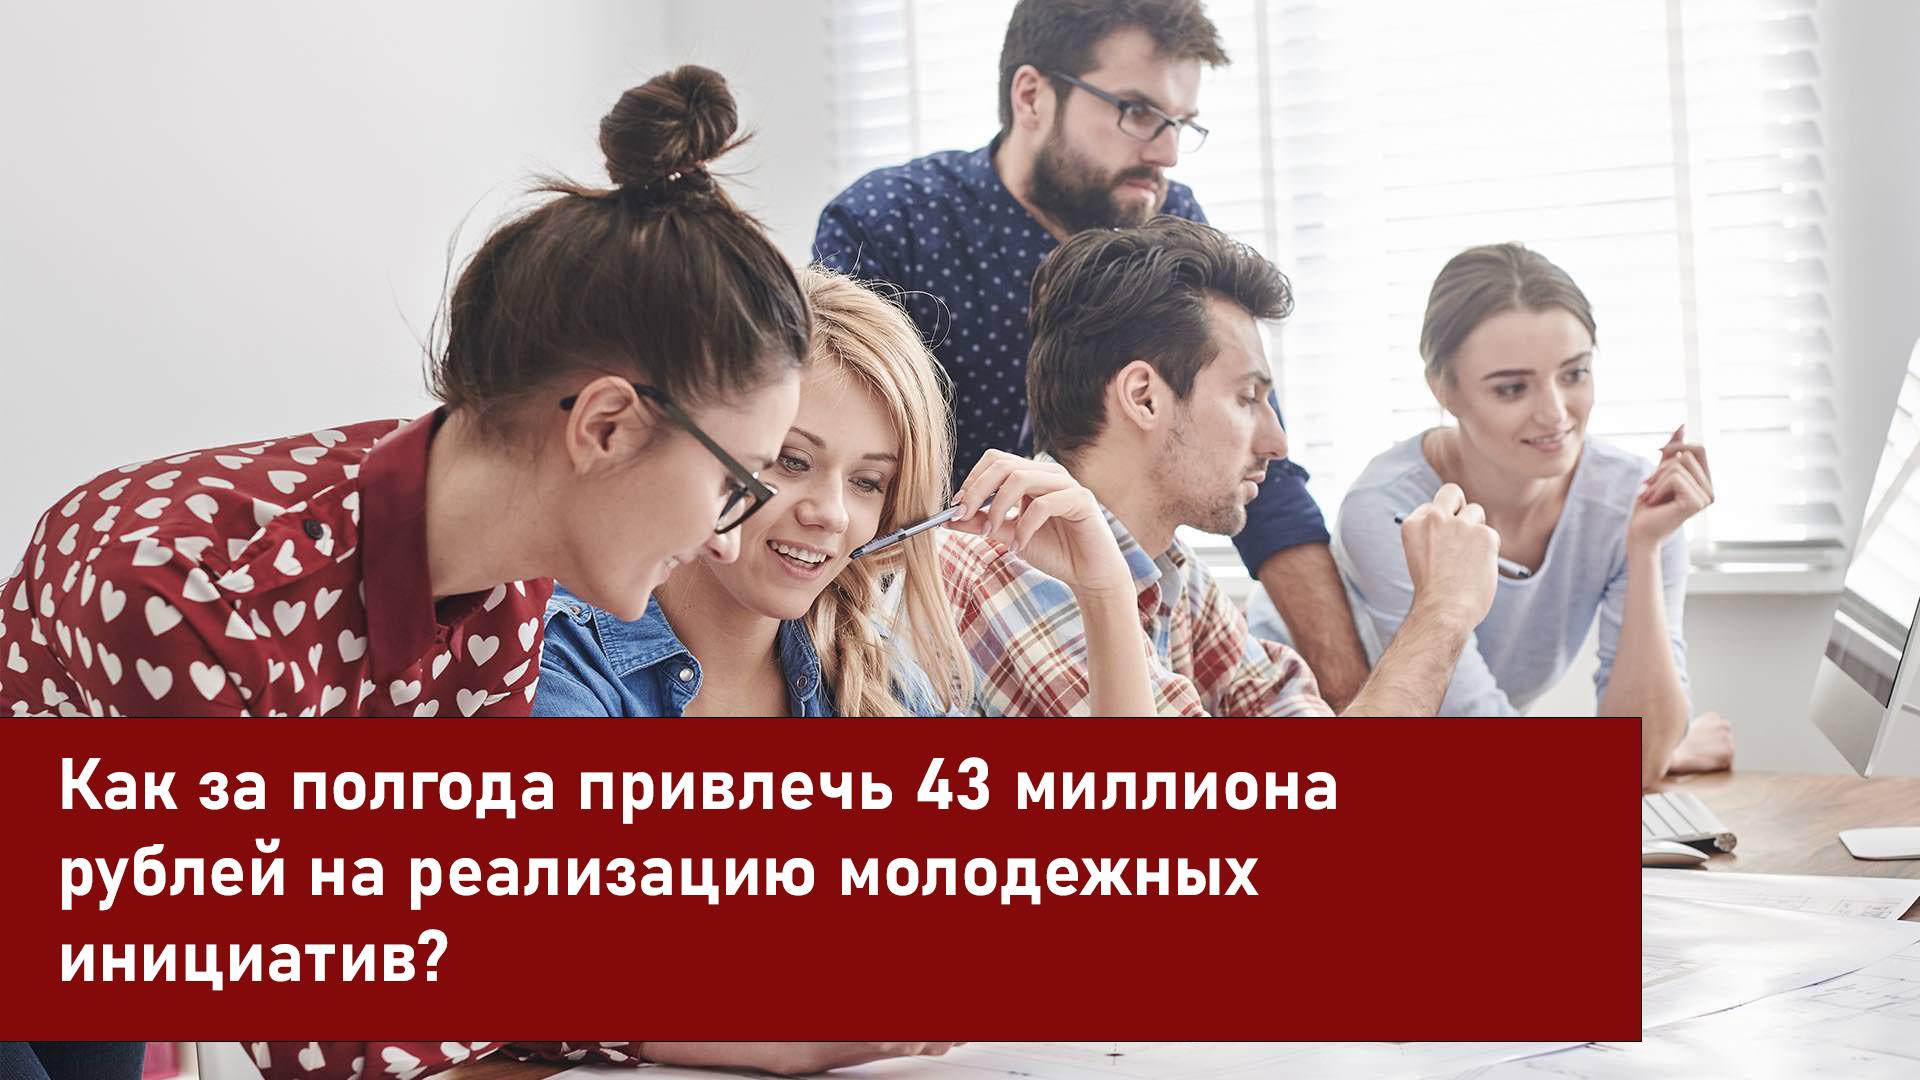 Как за полгода привлечь 43 миллиона рублей на реализацию молодежных инициатив?